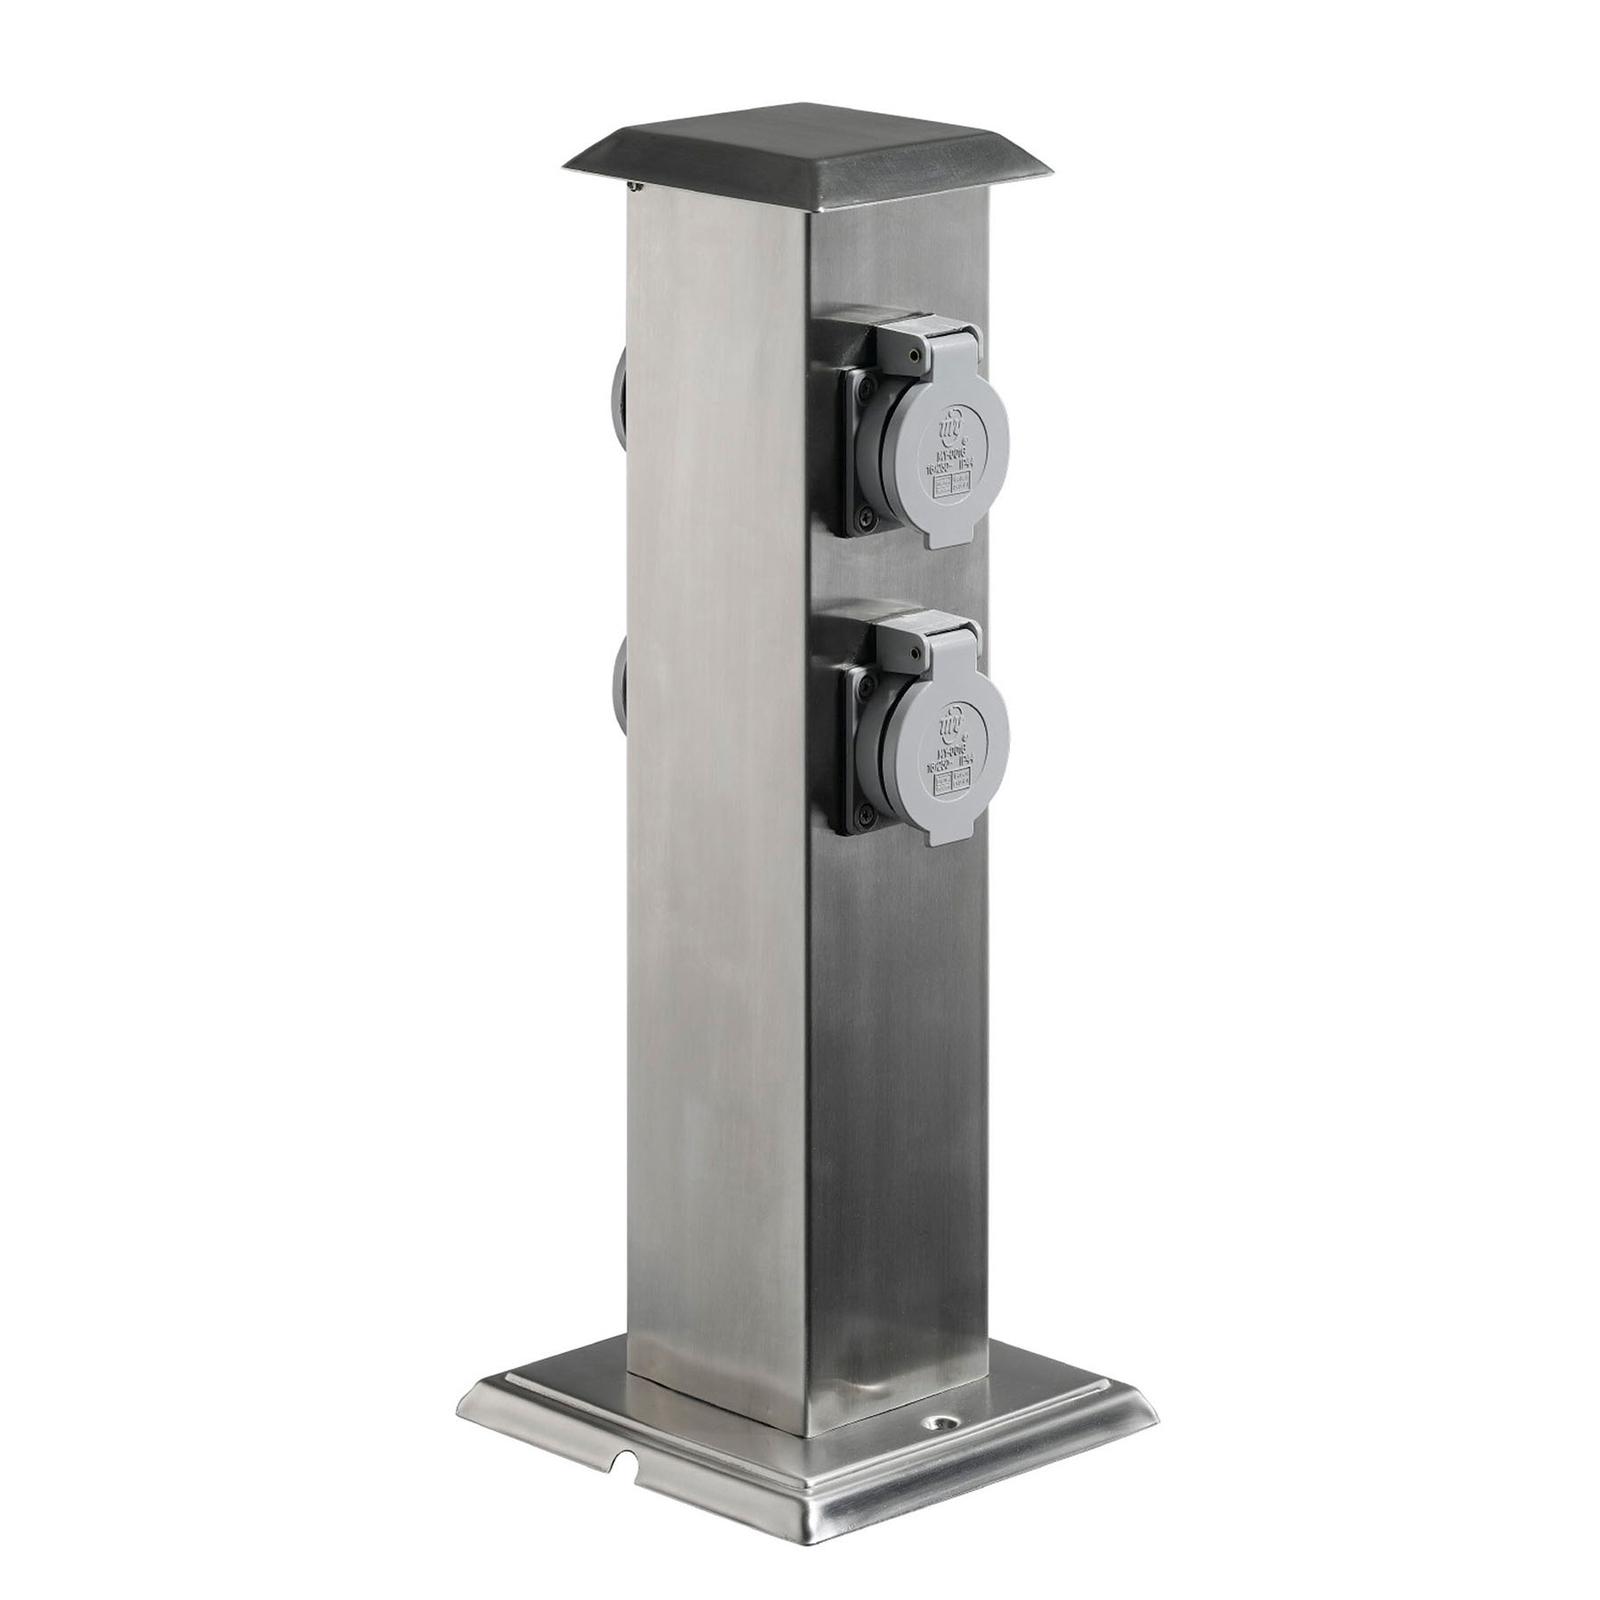 Energiezuil 400166 van RVS met 4 stopcontacten